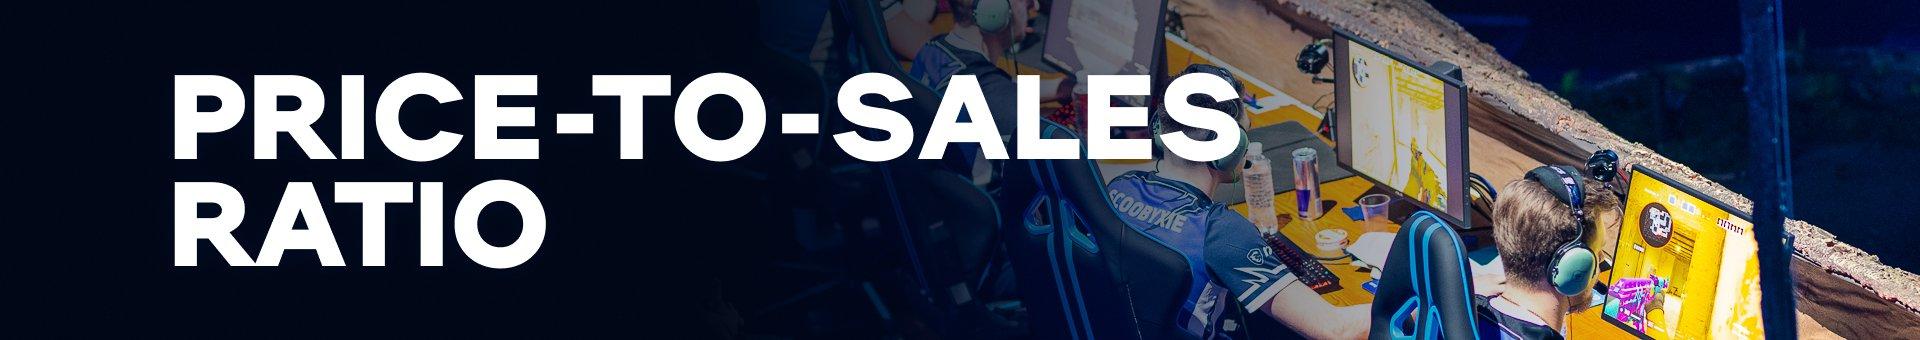 Price-to-sales ratio